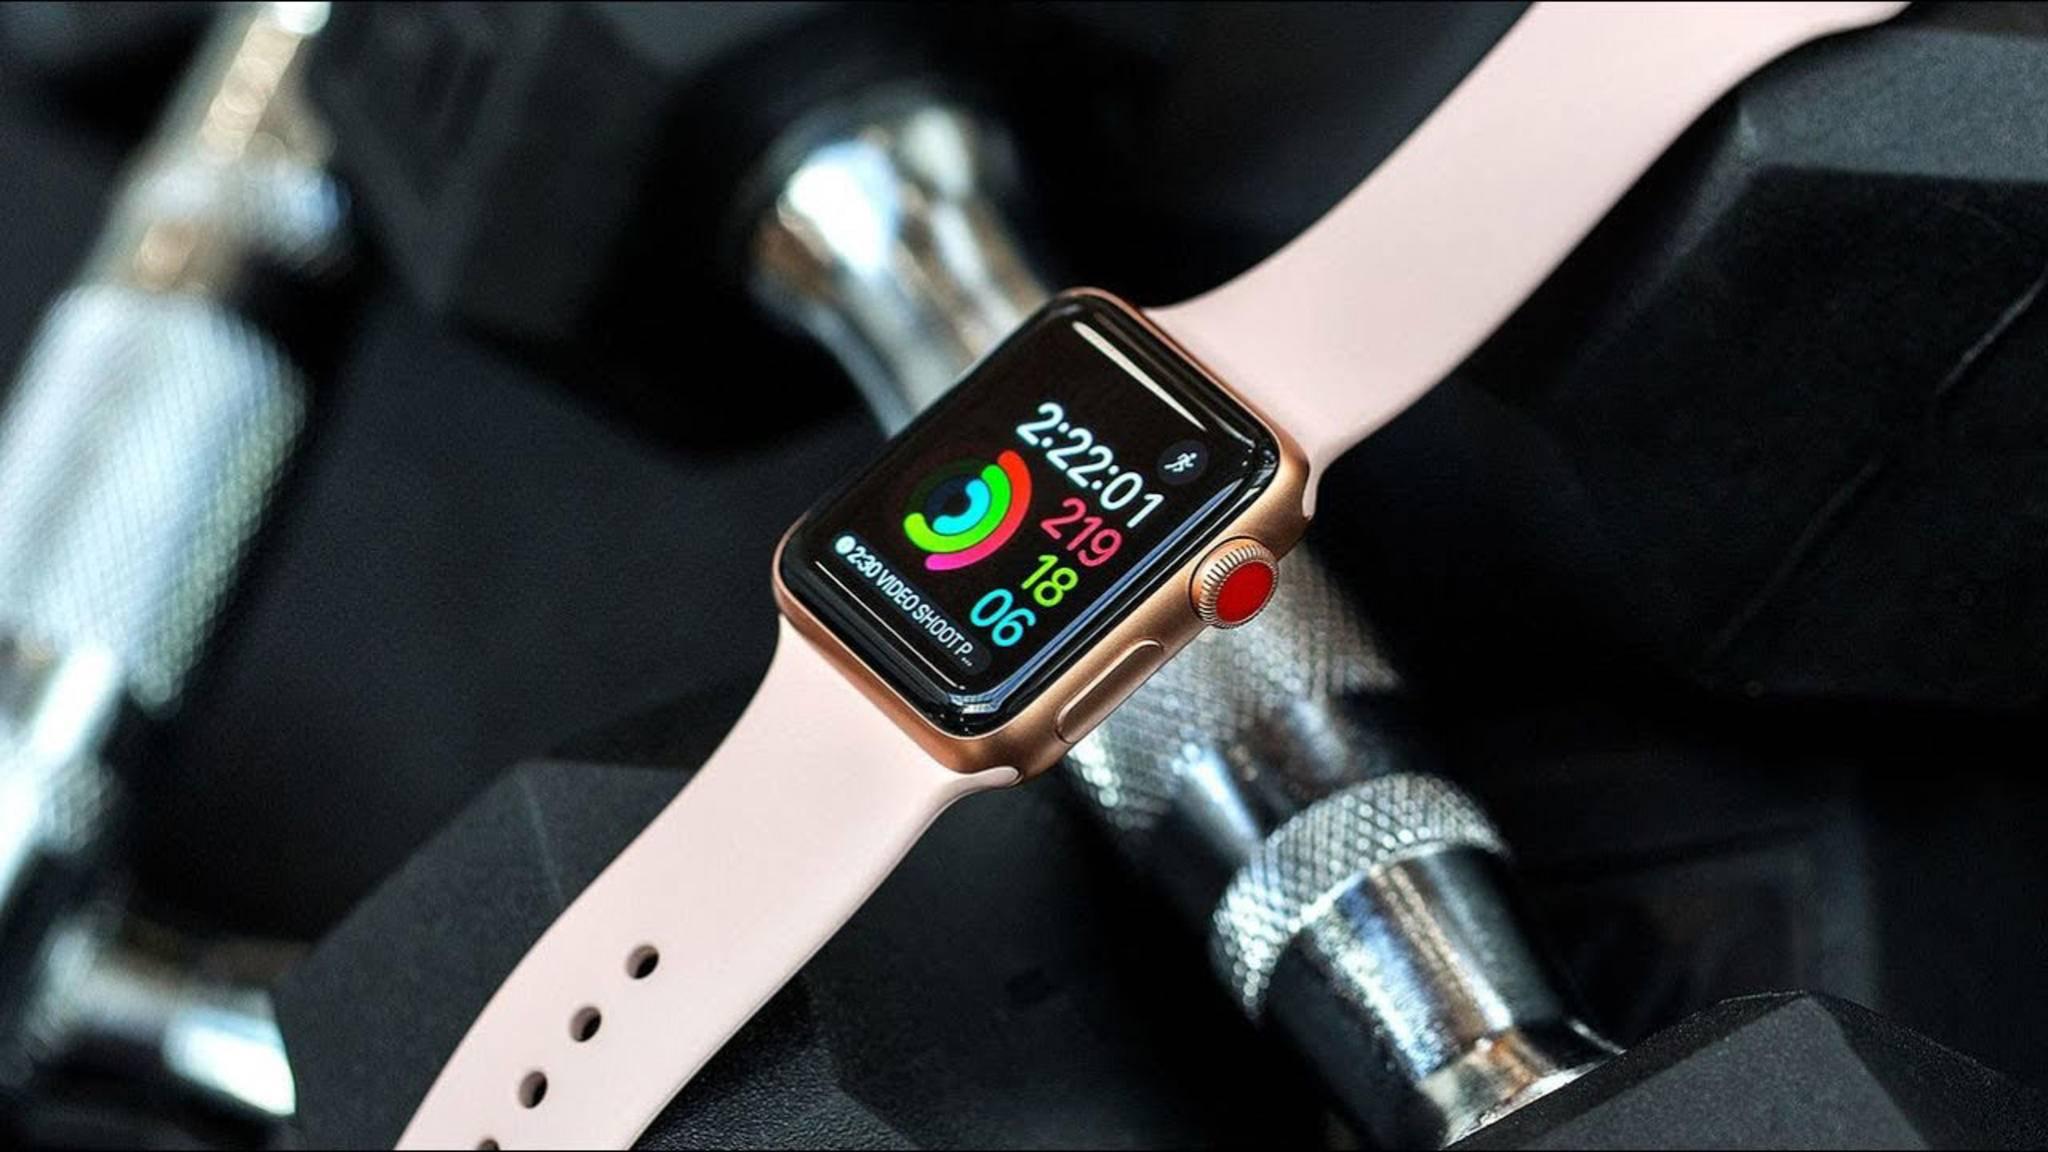 Derzeit nicht besonders fit, wenn es um das aktuelle Wetter geht: die Apple Watch Series 3.